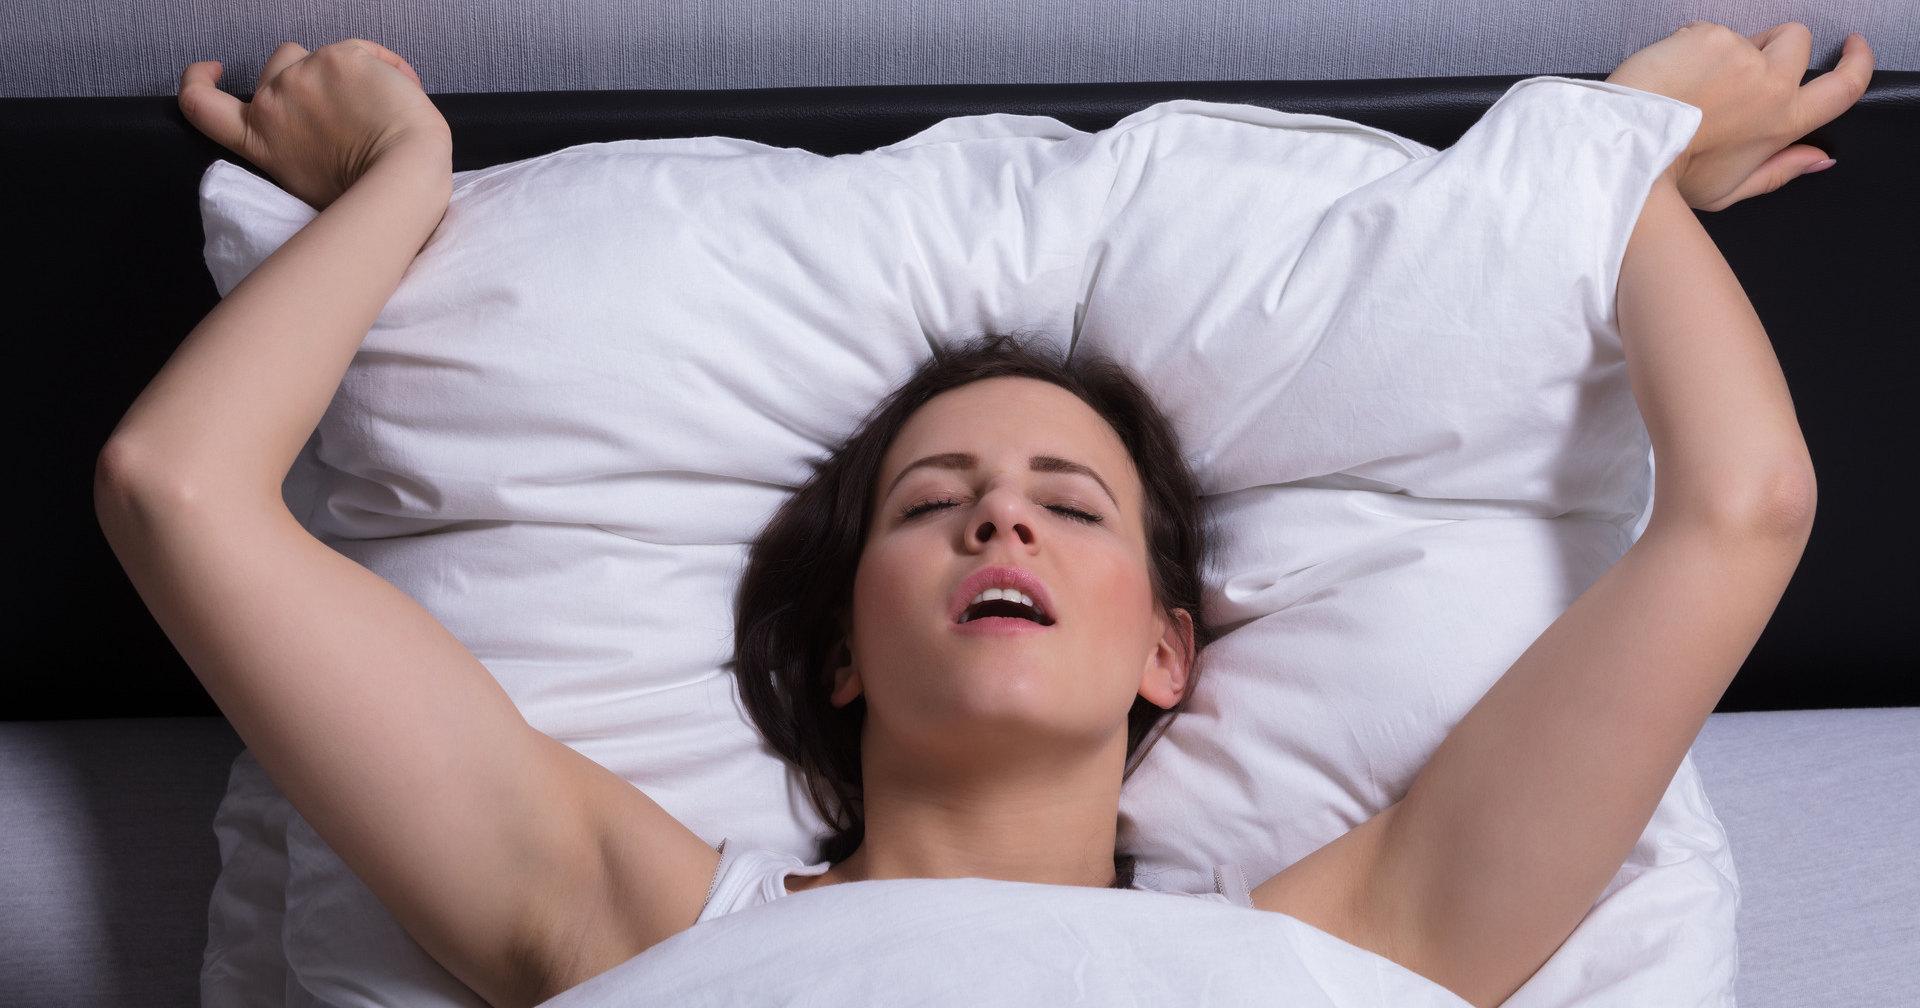 Женский оргазм назвали эволюционным пережитком